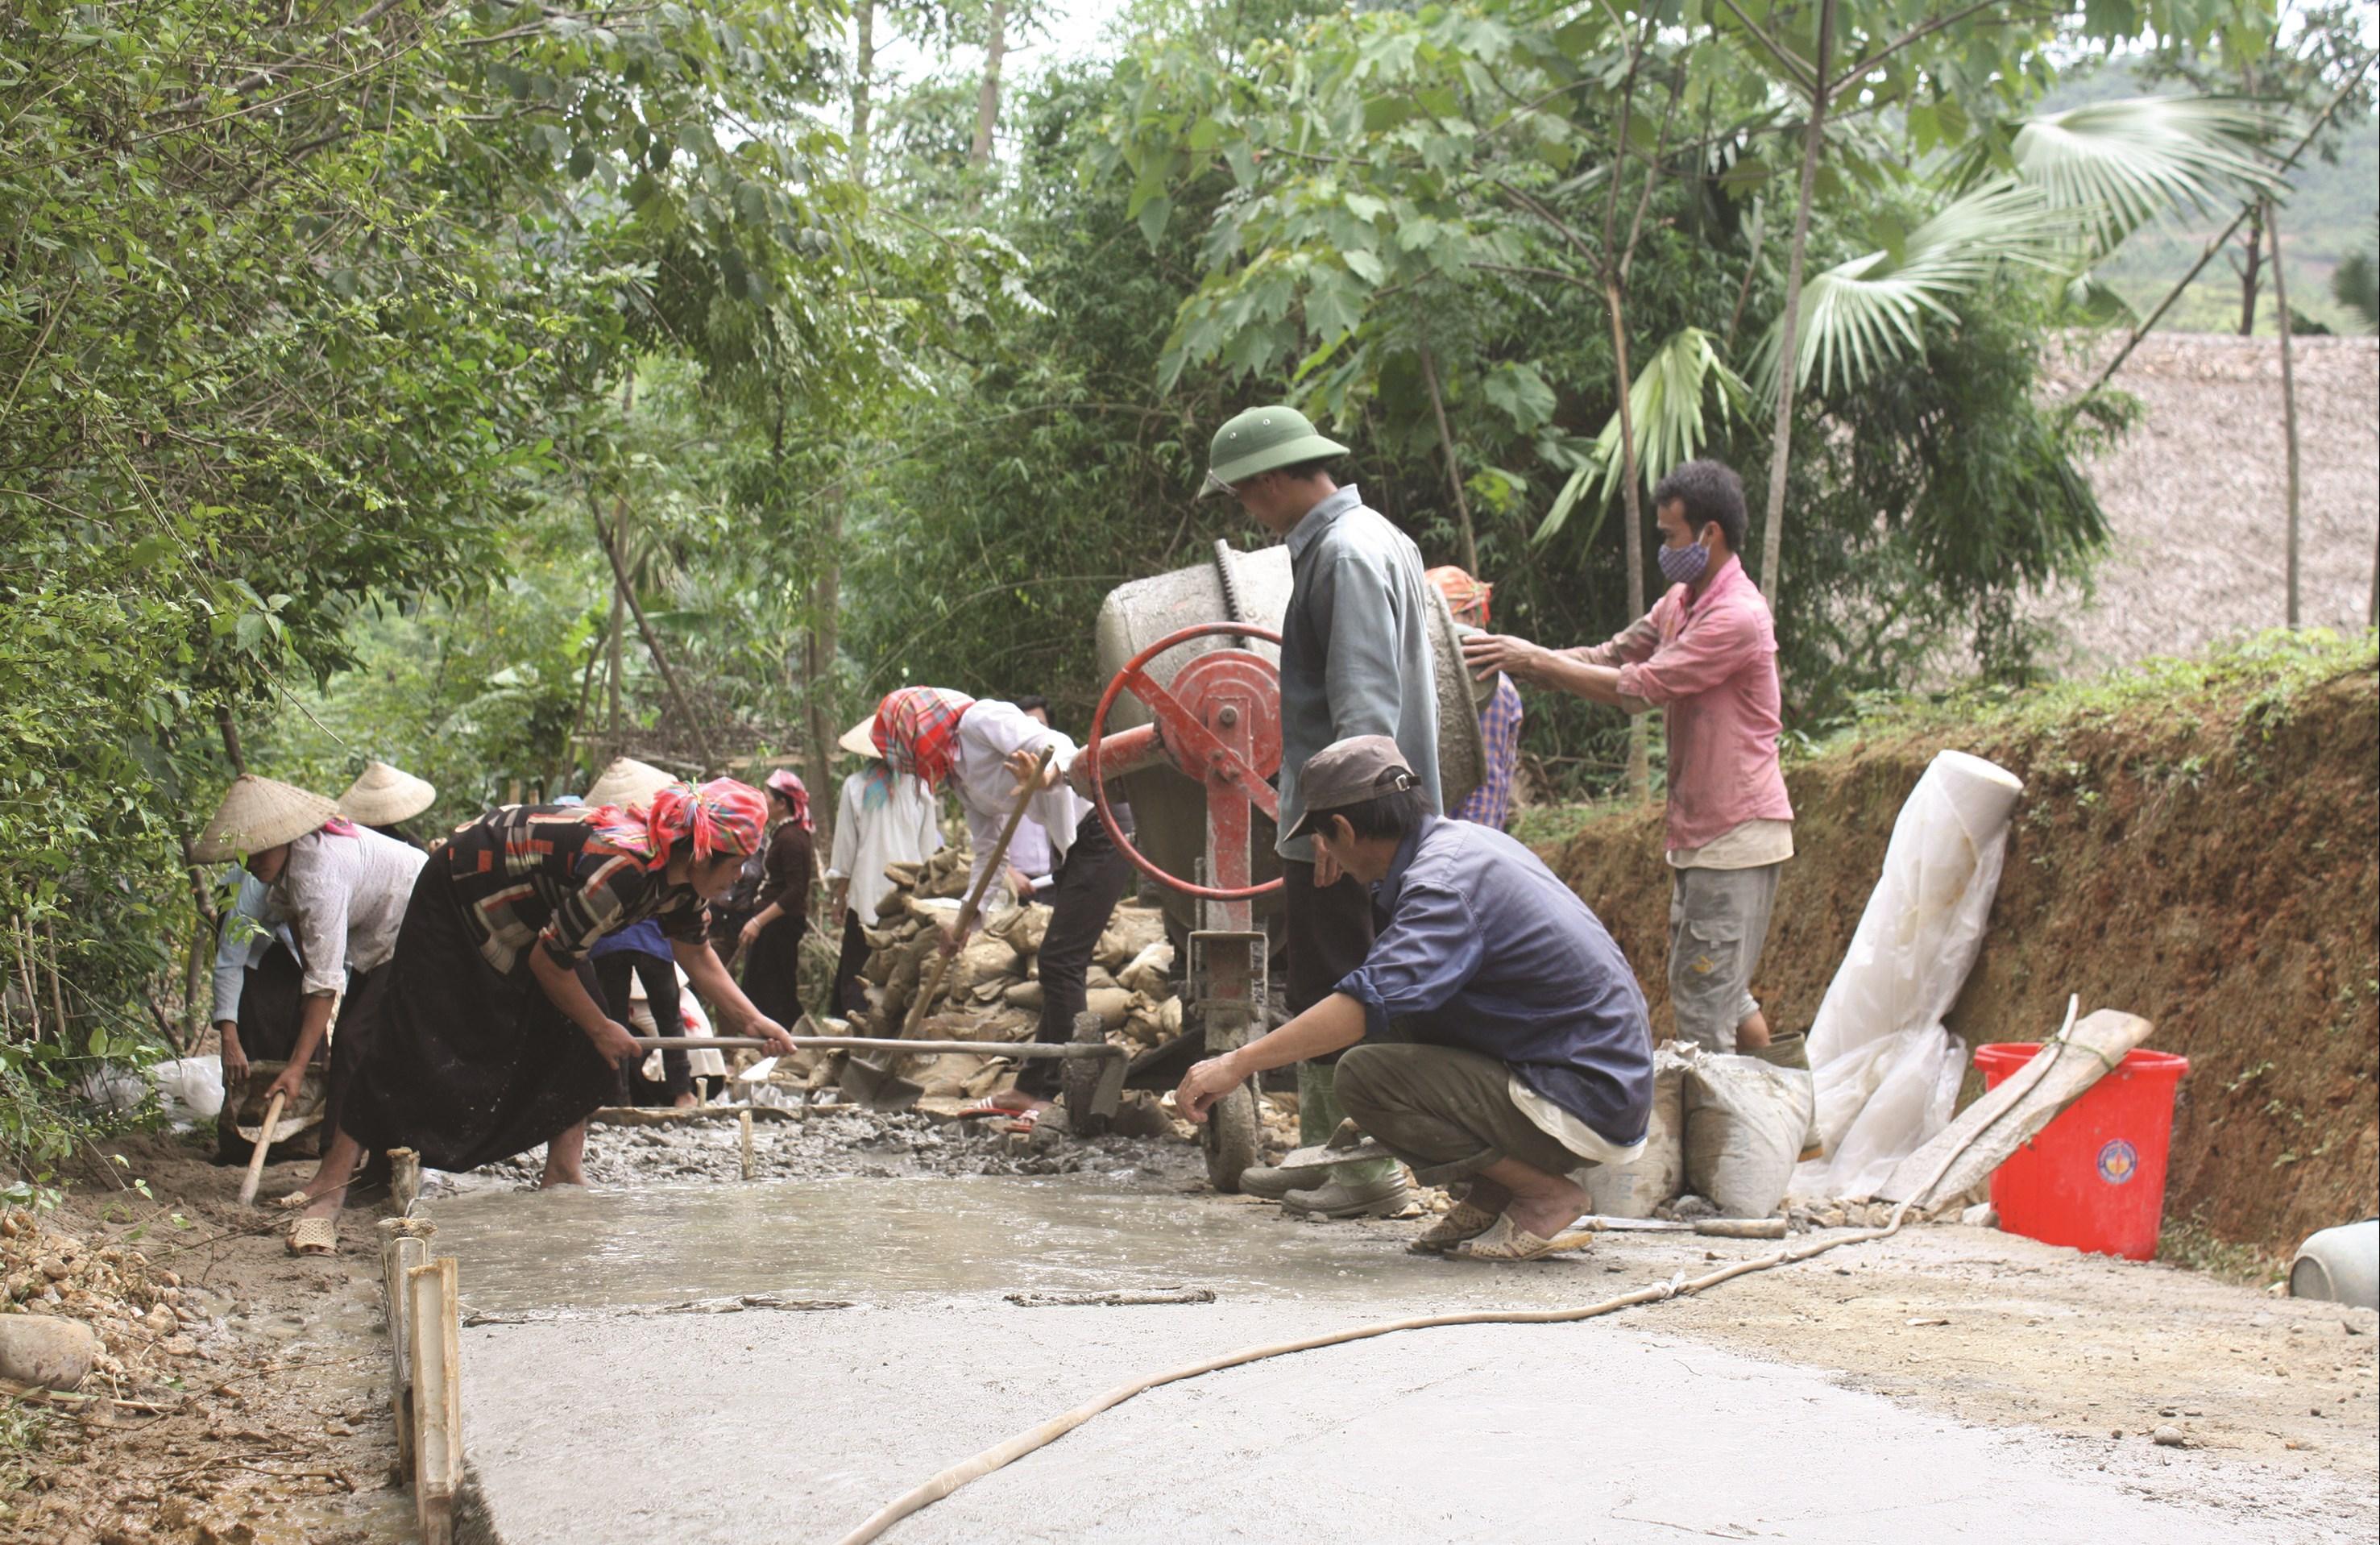 Người dân góp công, góp sức làm đường giao thông nông thôn ở Lào Cai.